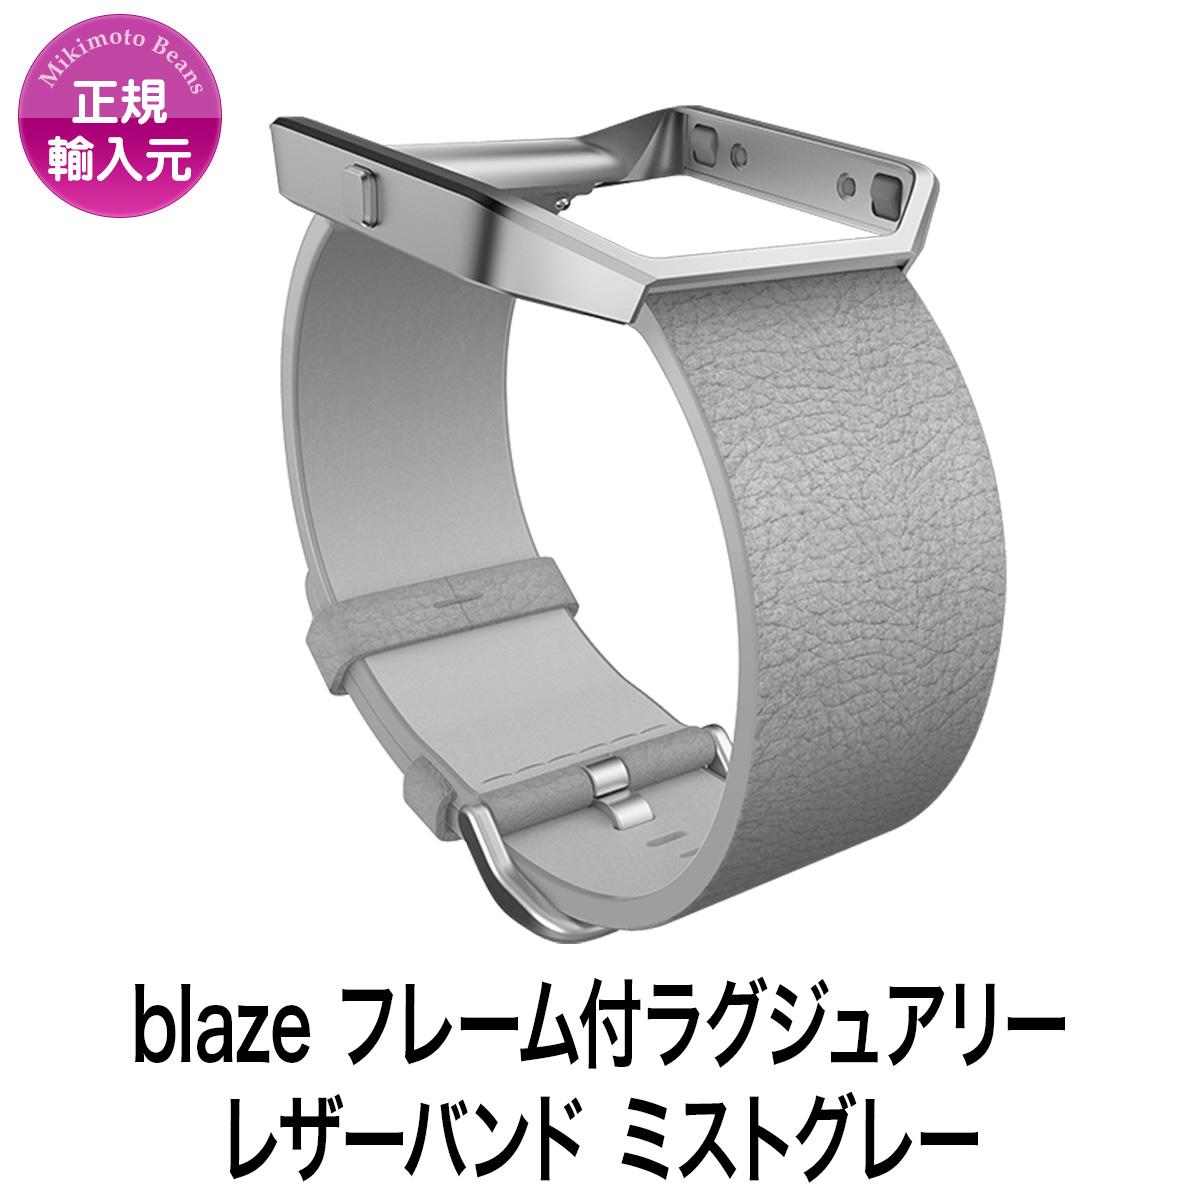 【FitbitBlazeアクセサリー】【フレーム付ラグジュアリーレザーバンド】【カラー:ミストグレー】【サイズ:S (140-170mm)/ L(170-206mm) 】トラッカーは含まれておりません。